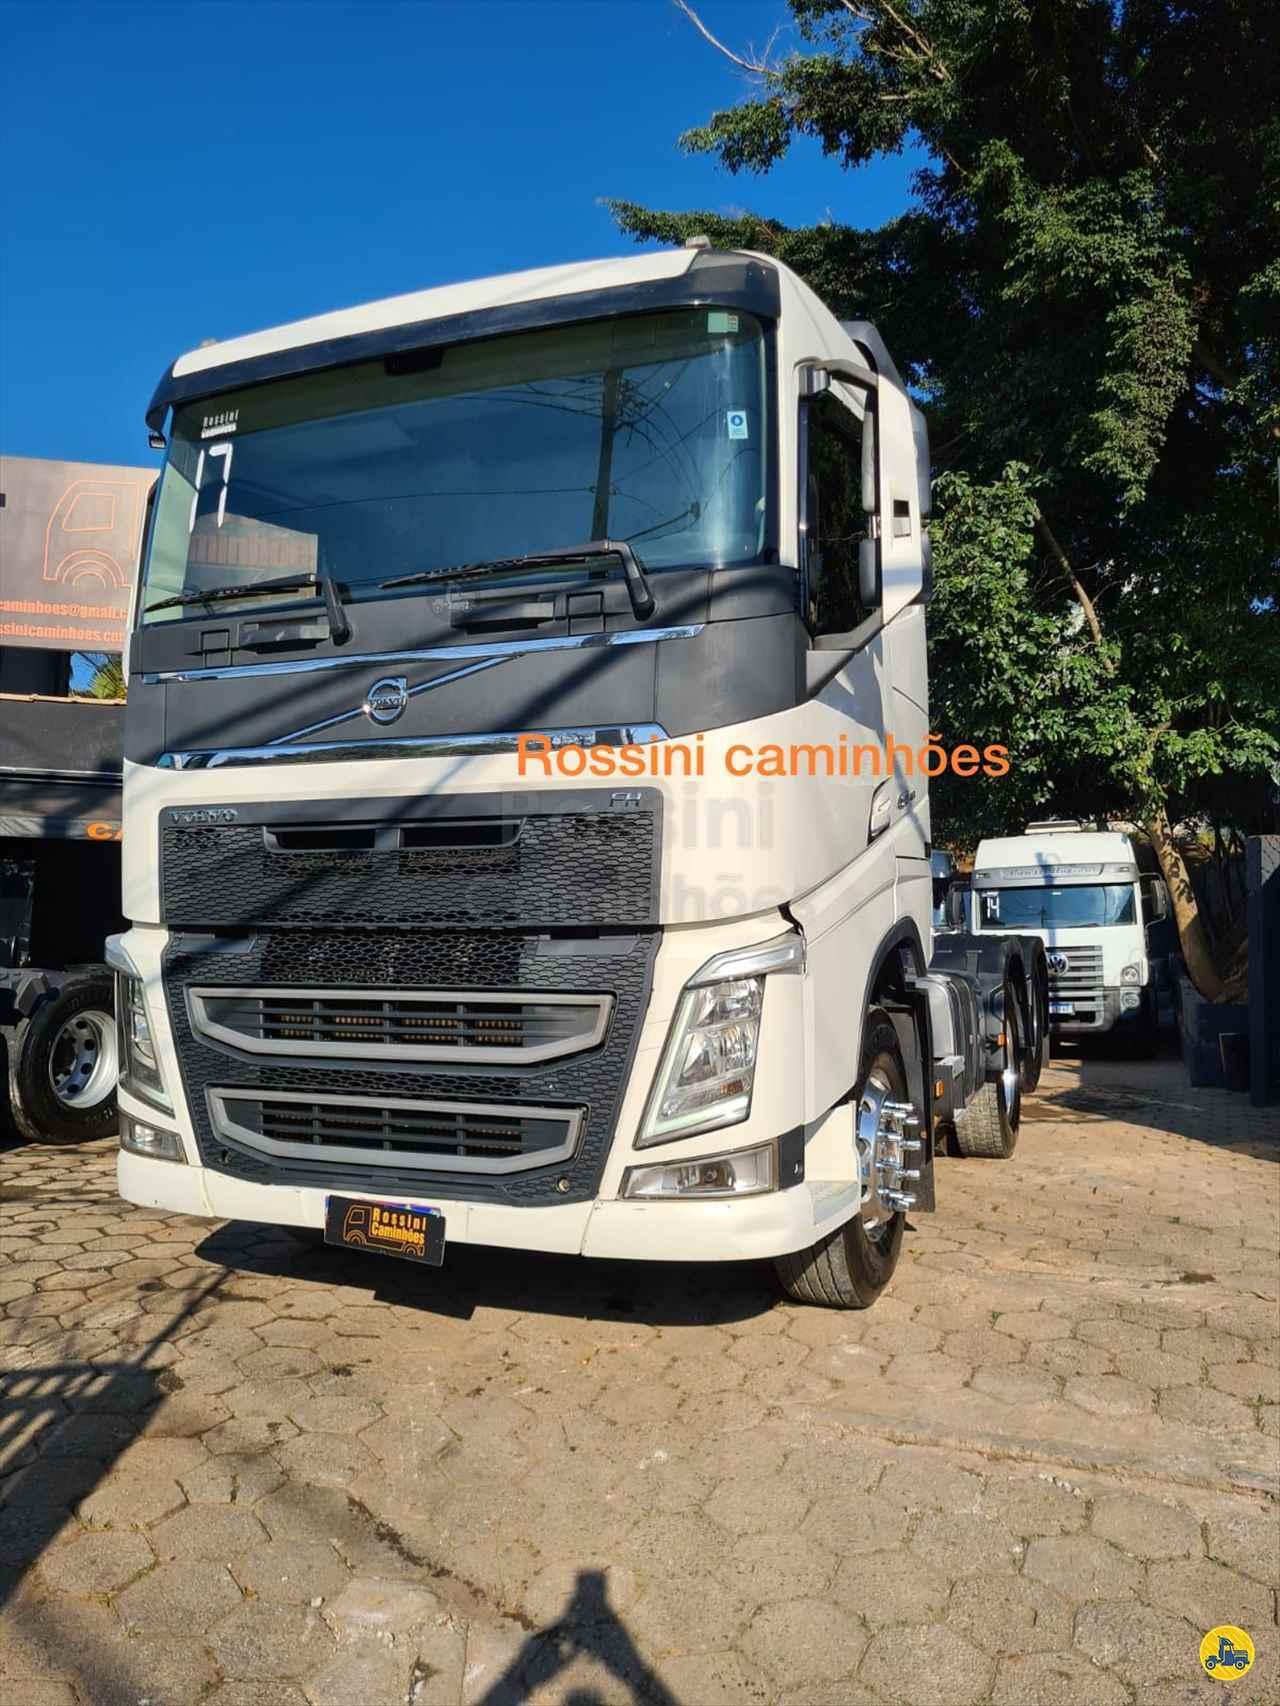 CAMINHAO VOLVO VOLVO FH 460 Cavalo Mecânico Truck 6x2 Rossini Caminhões SAO BERNARDO DO CAMPO SÃO PAULO SP